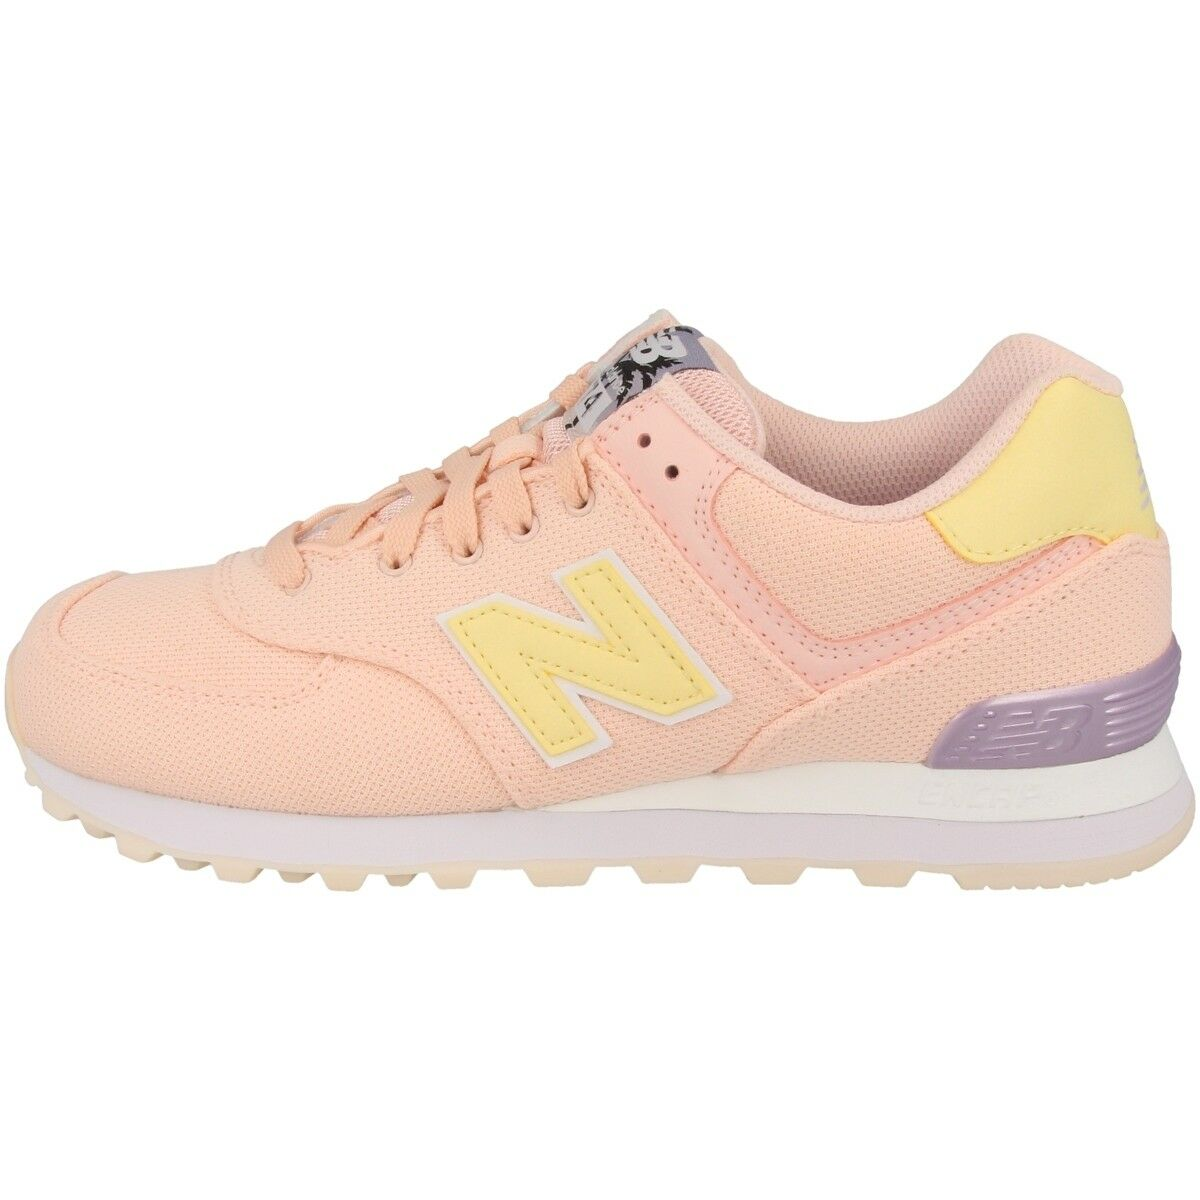 New Balance Wl 574 MIB Zapatos Sunrise Glo Sky wl574mib